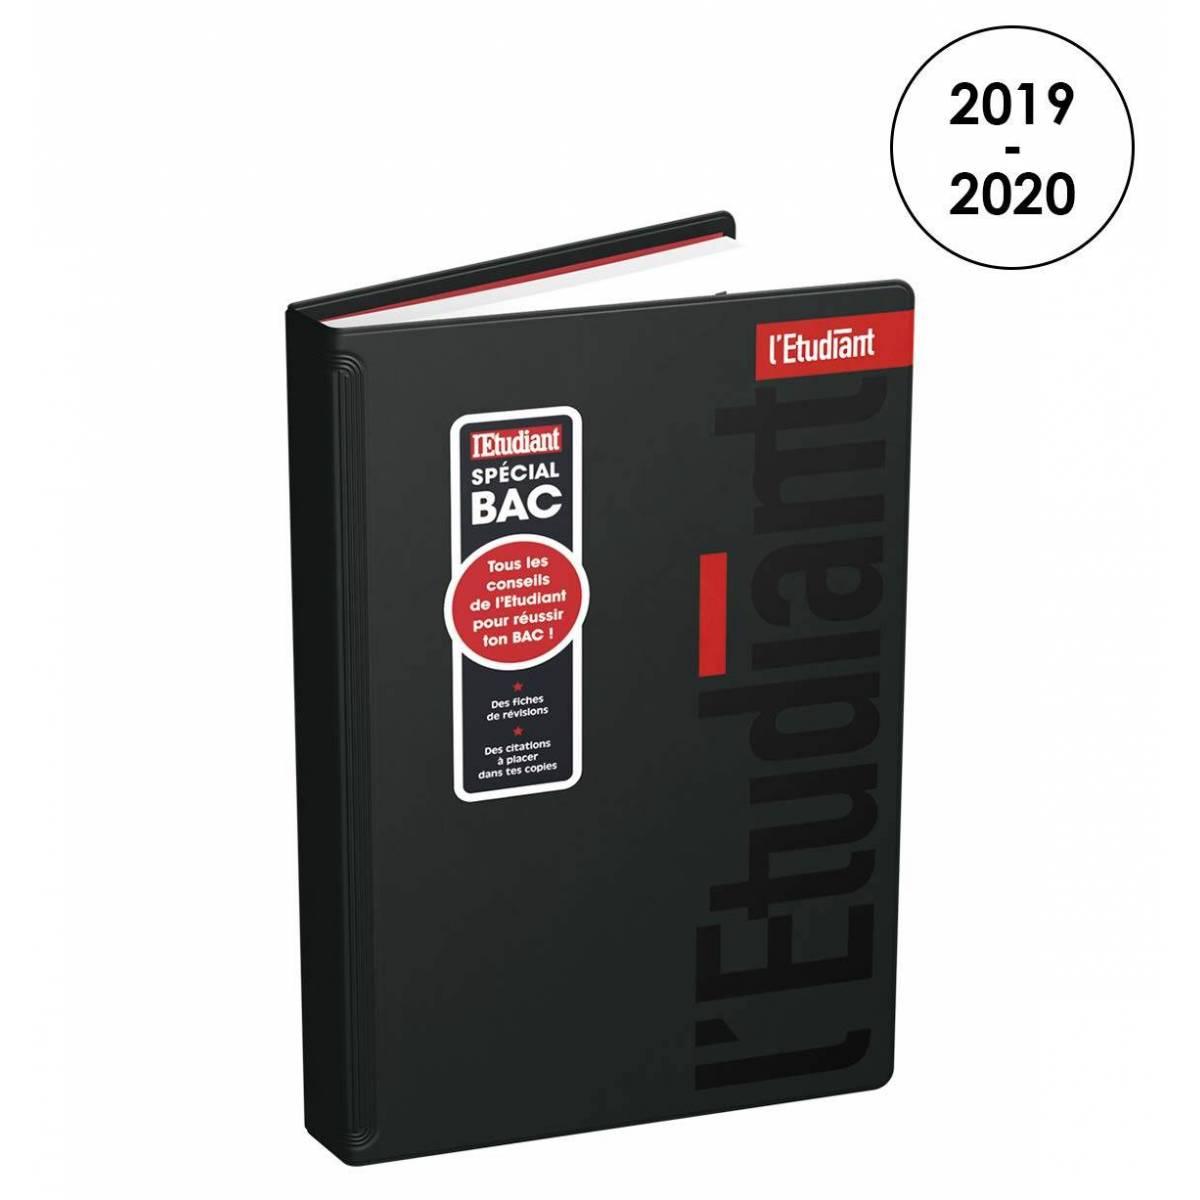 Agenda L'Etudiant Noir Spécial Bac 2019/2020